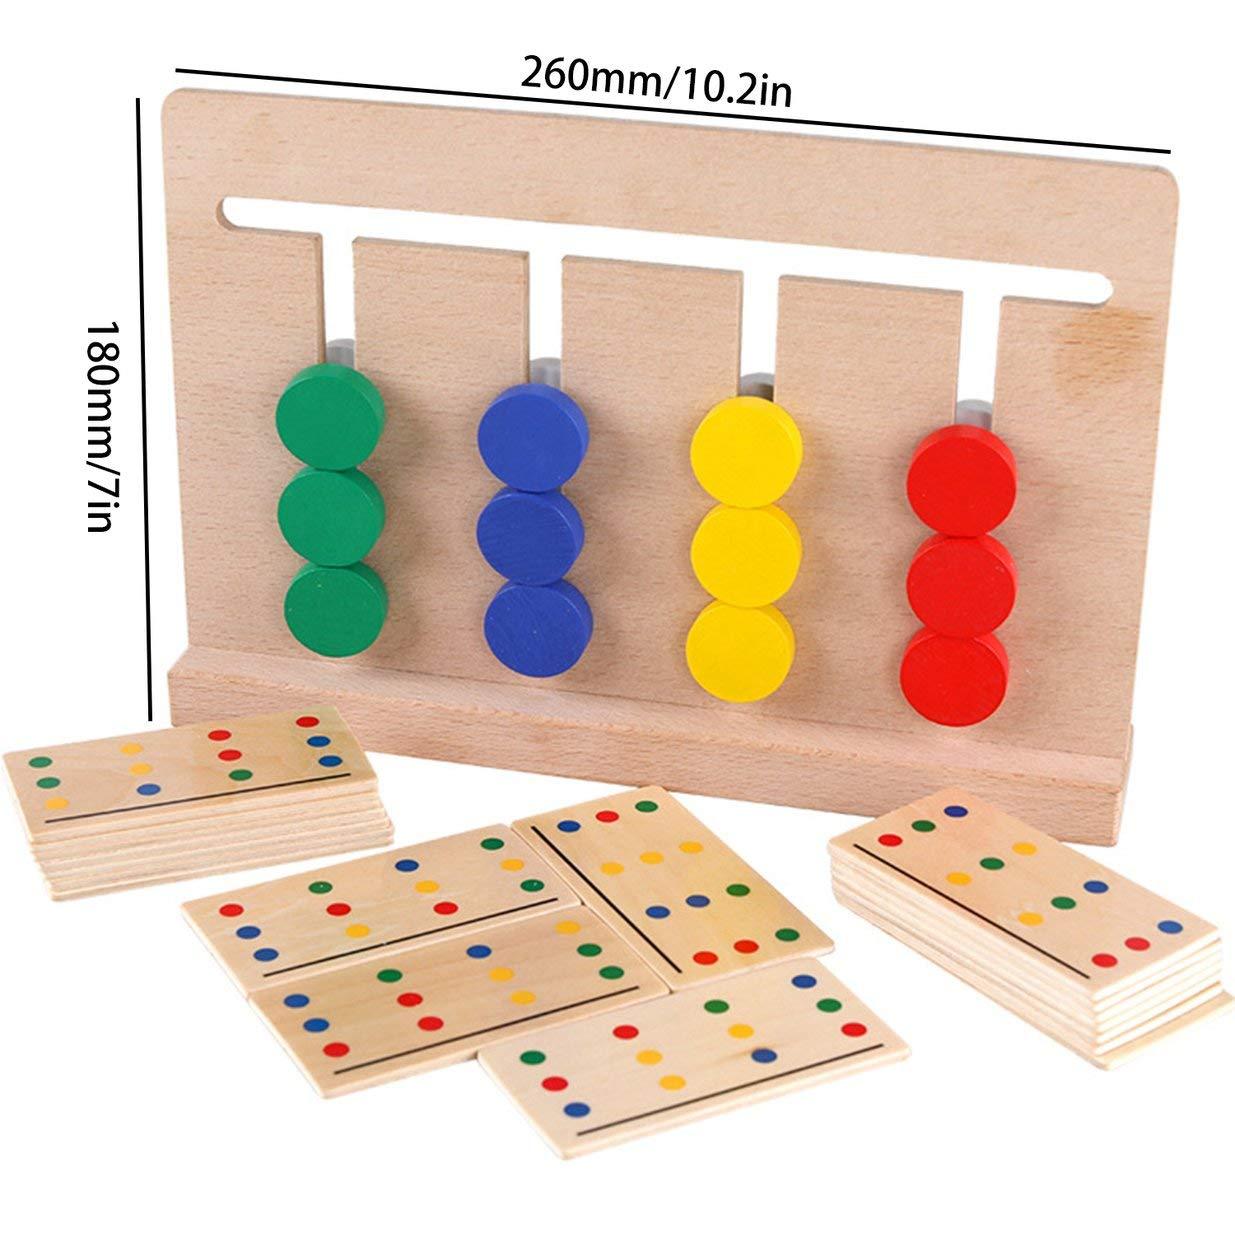 de madera juego de cuatro colores material did/áctico iluminaci/ón juguetes de los ni/ños Montessori Banbie8409 Ayudas de ense/ñanza